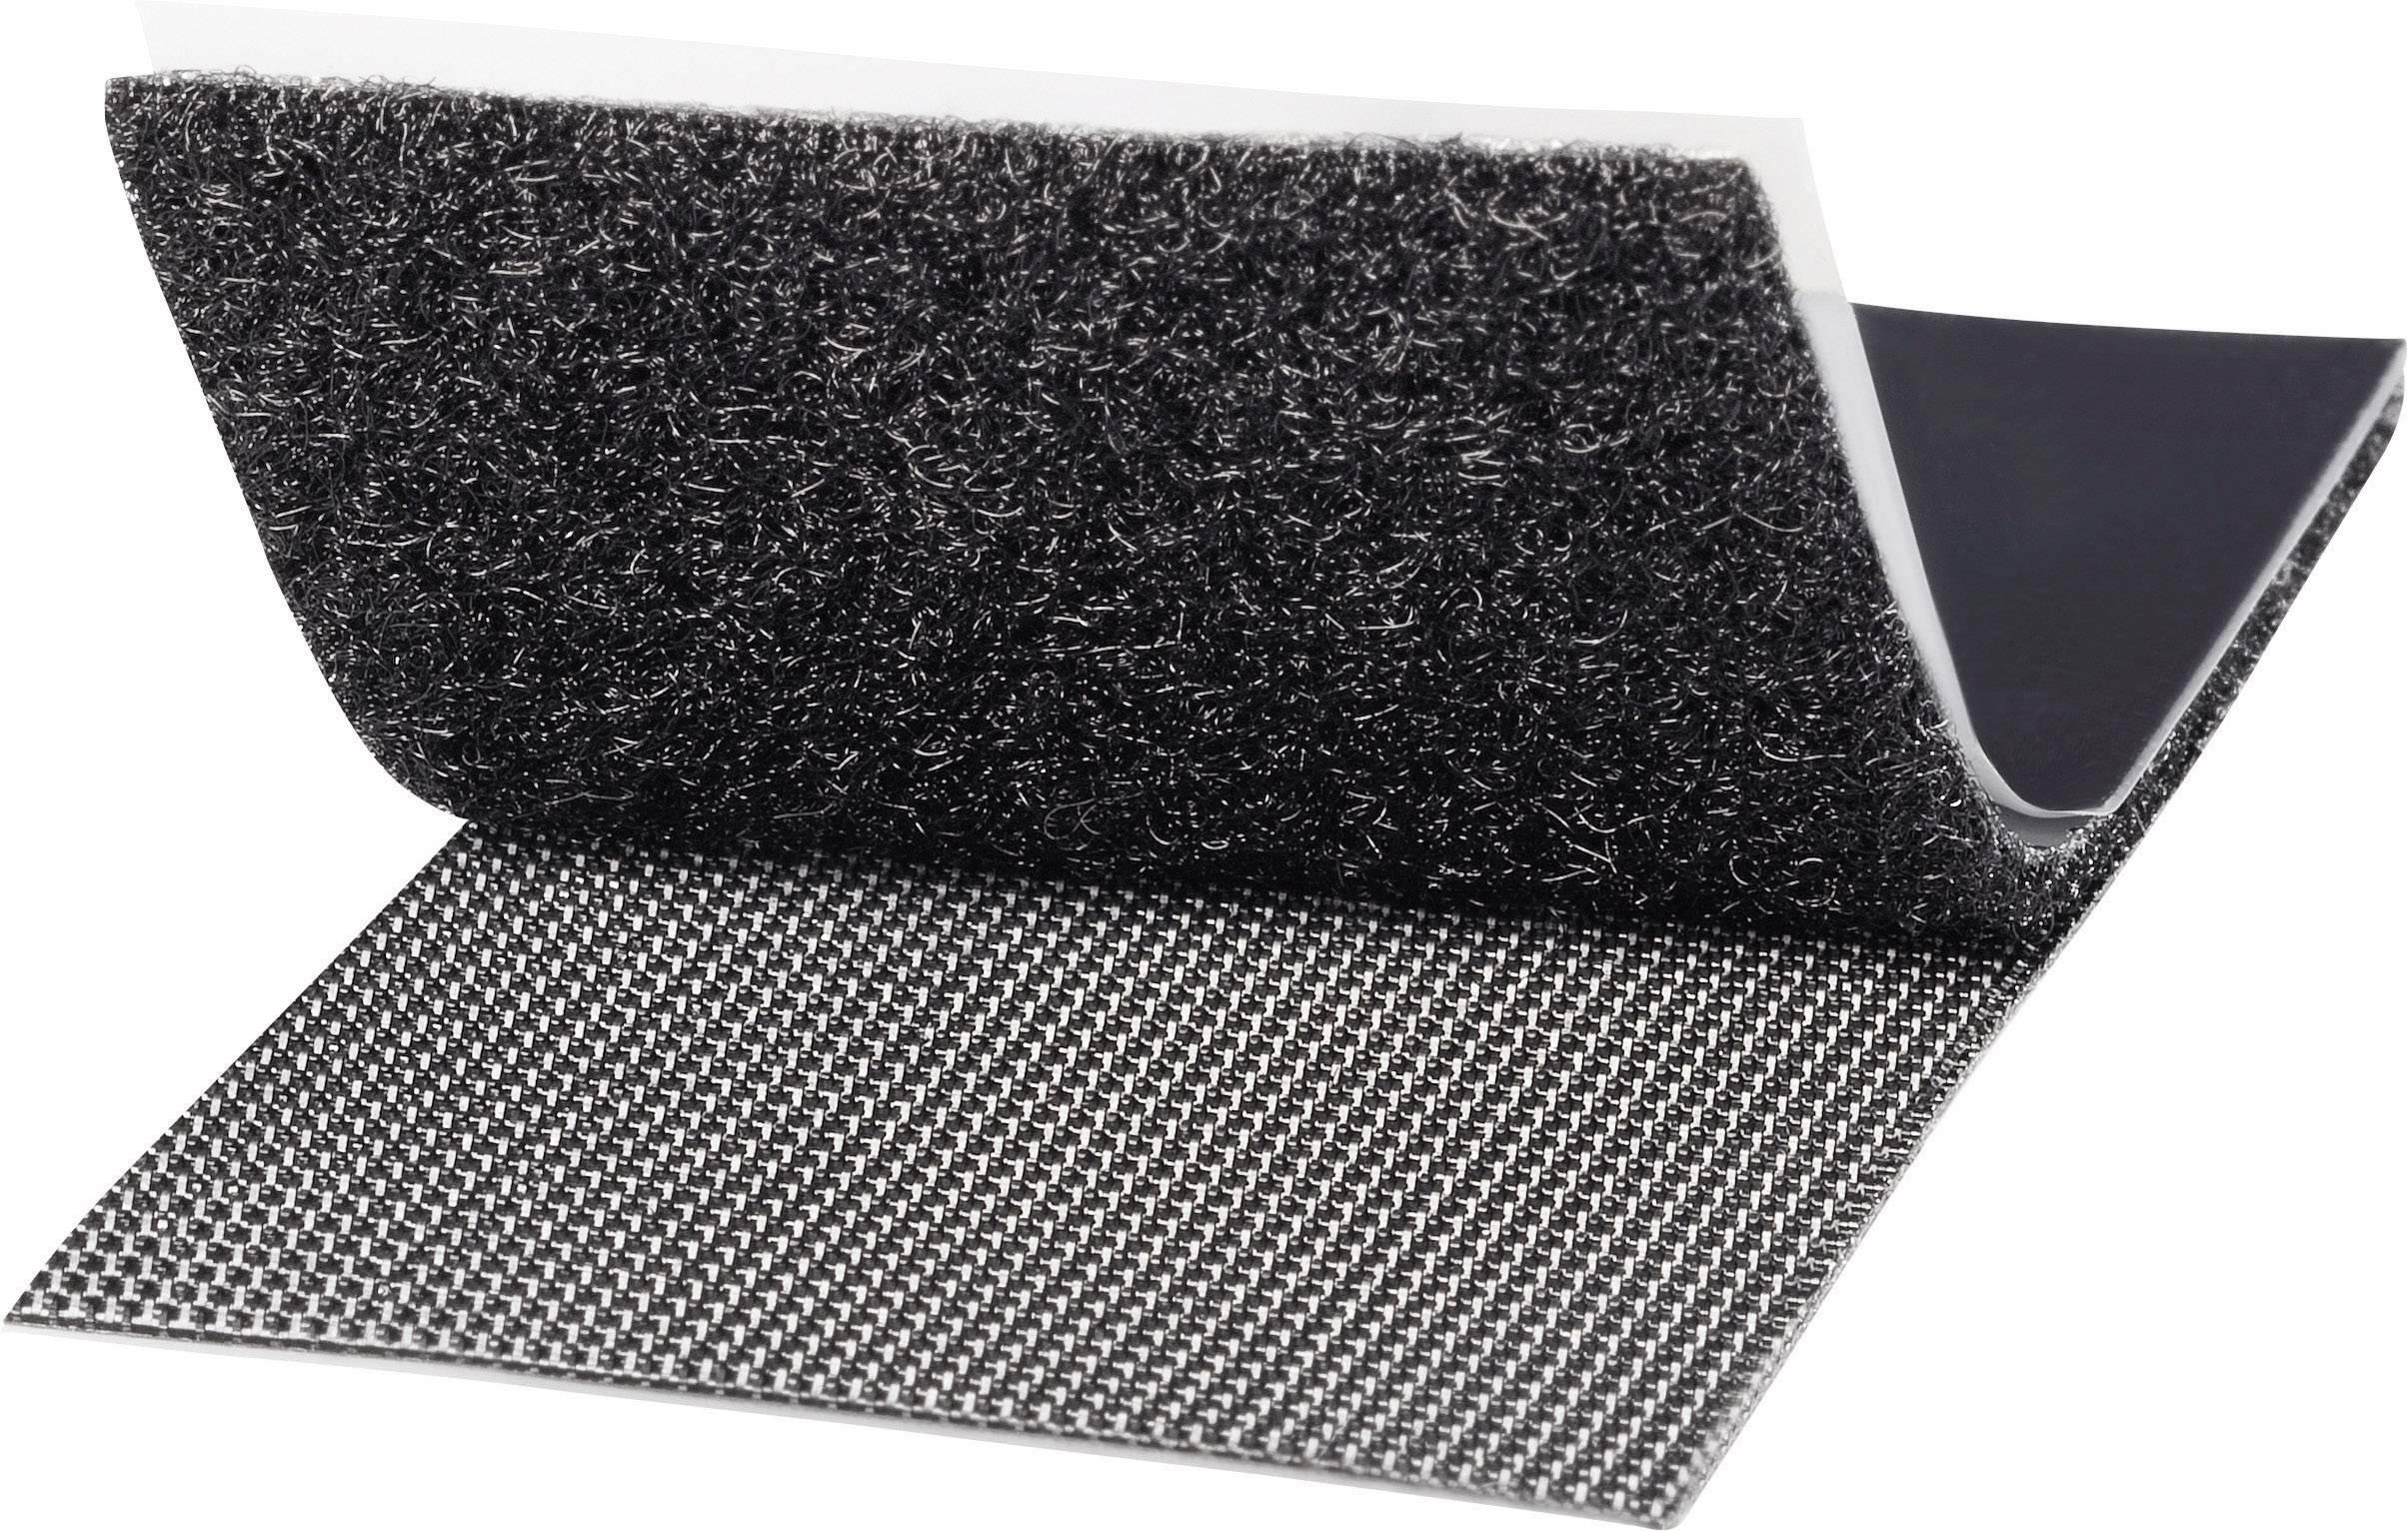 Samolepicí páska se suchým zipem TOOLCRAFT KL50X100SC, 100 mm x 50 mm, černá, 1 pár